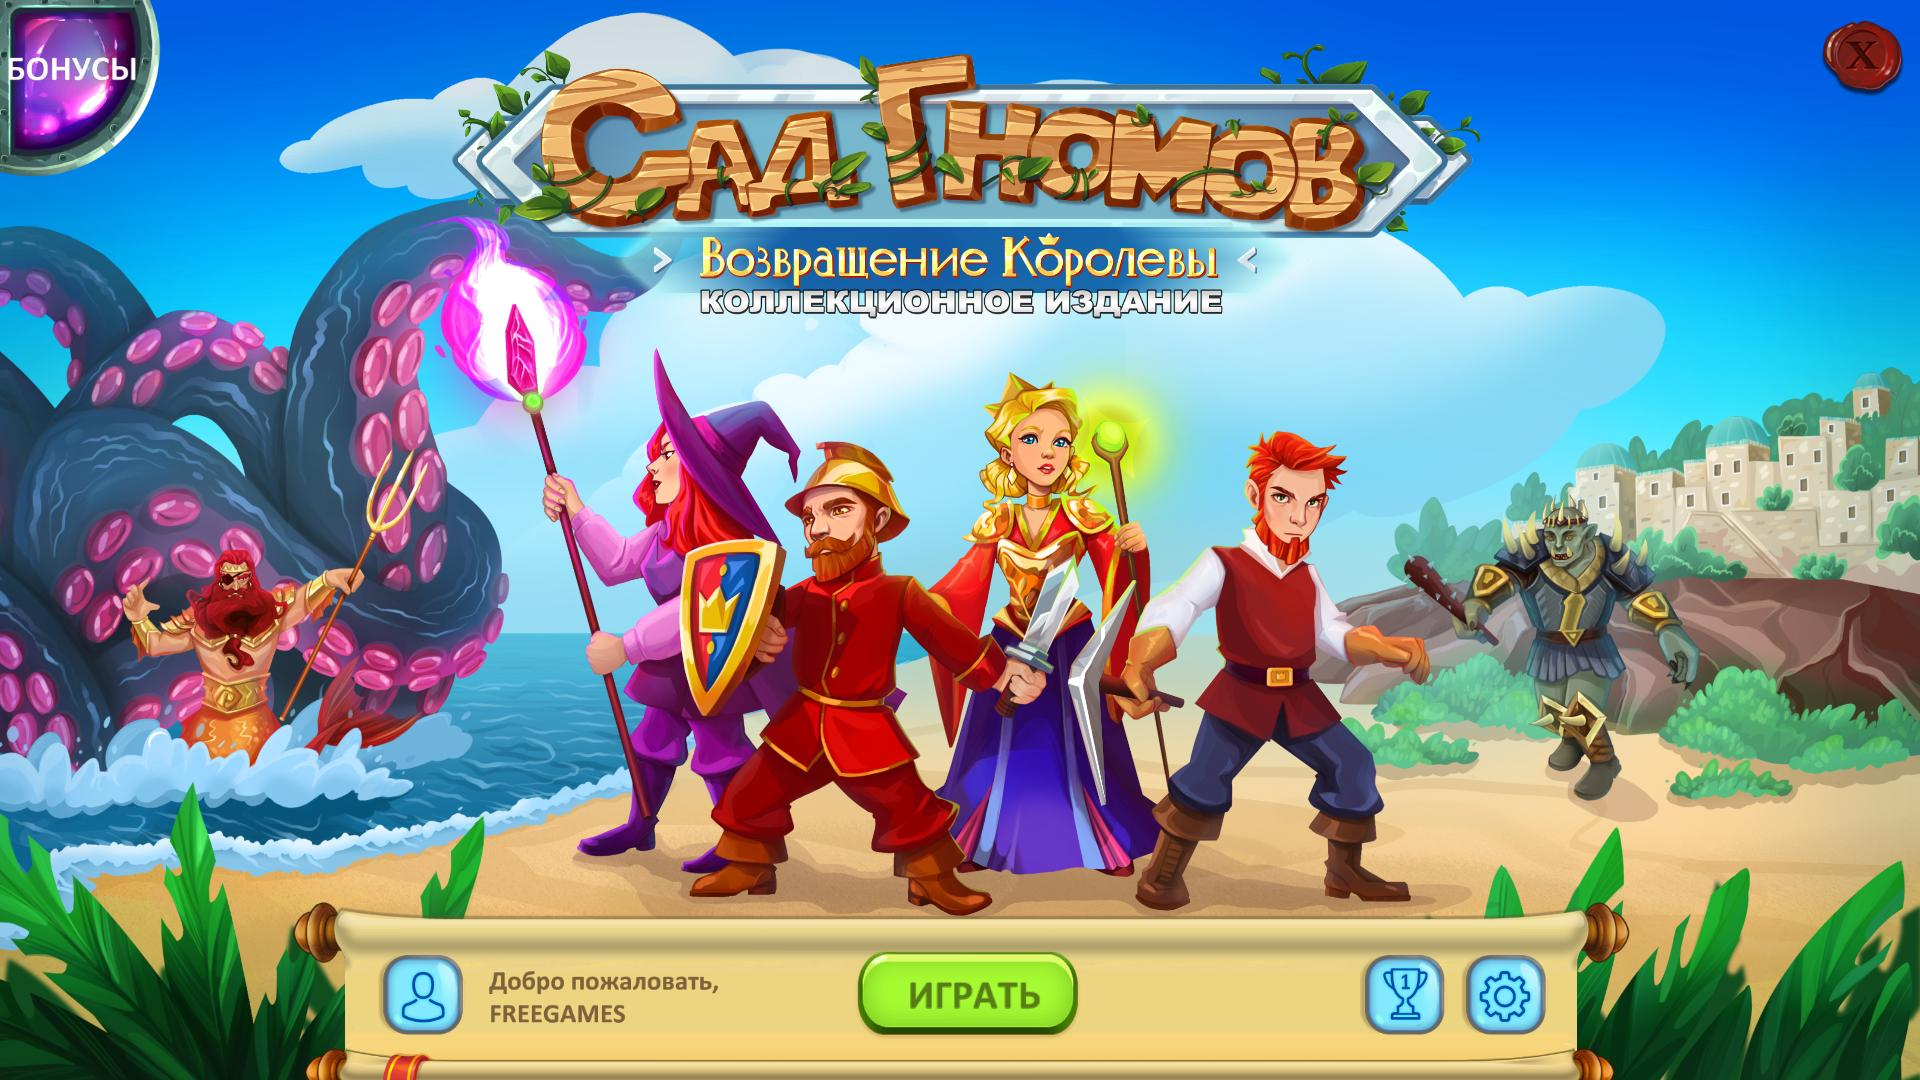 Сад гномов 8: Возвращение королевы. Коллекционное издание | Gnomes Garden 8: Return of the Queen CE (Rus)